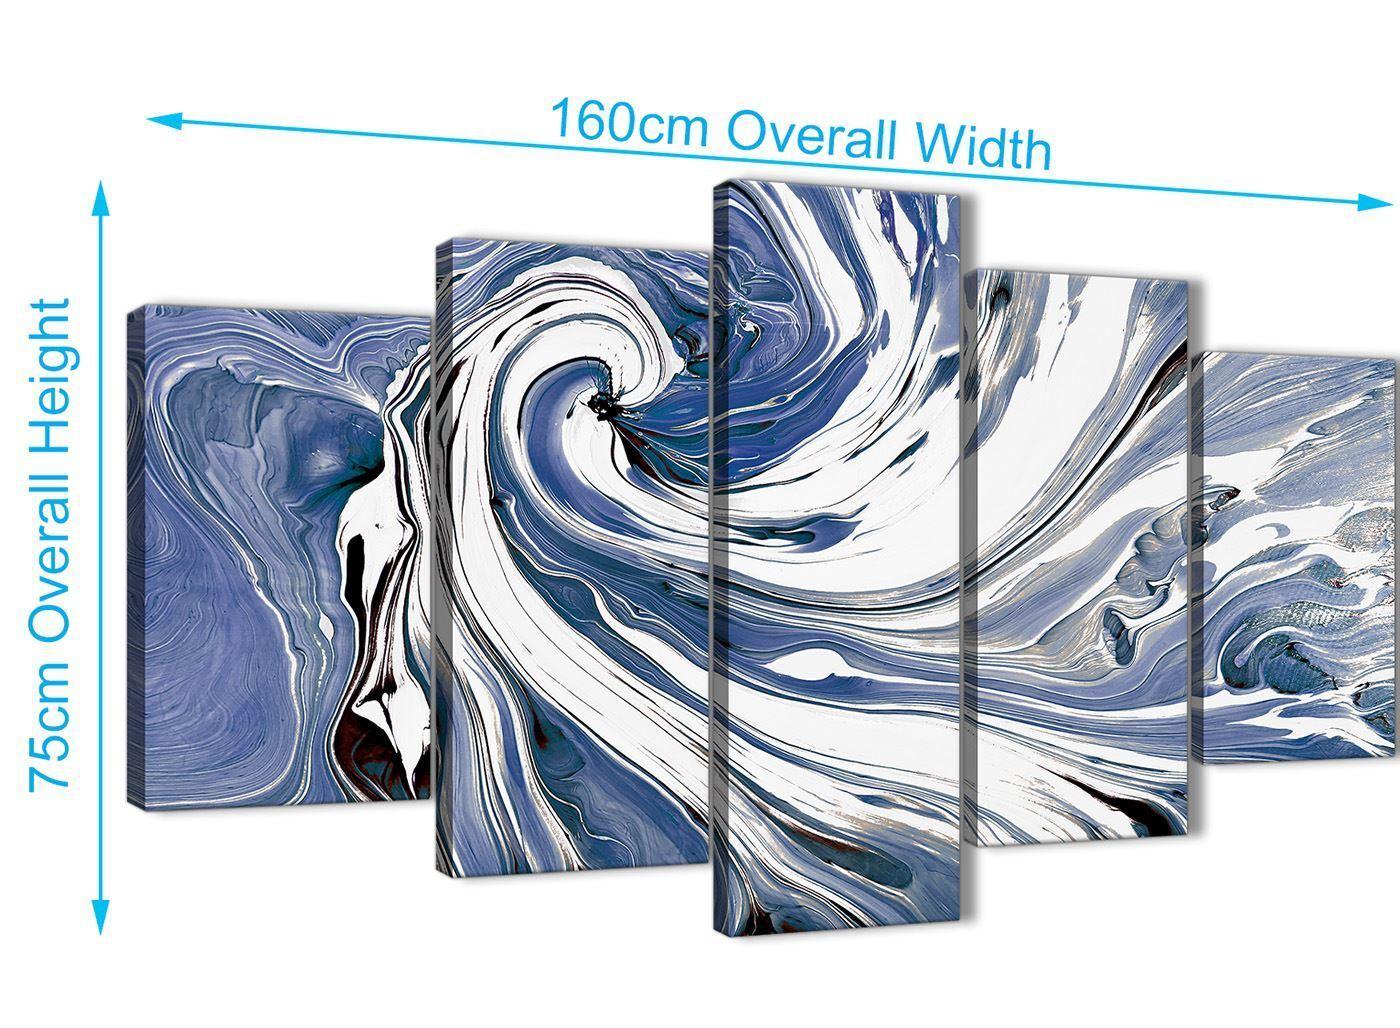 XL Indigo Blau Weiß Swirls Abstract Canvas Wall Art Art Art - 5 Set - 160cm Wide - 5352 e46d17